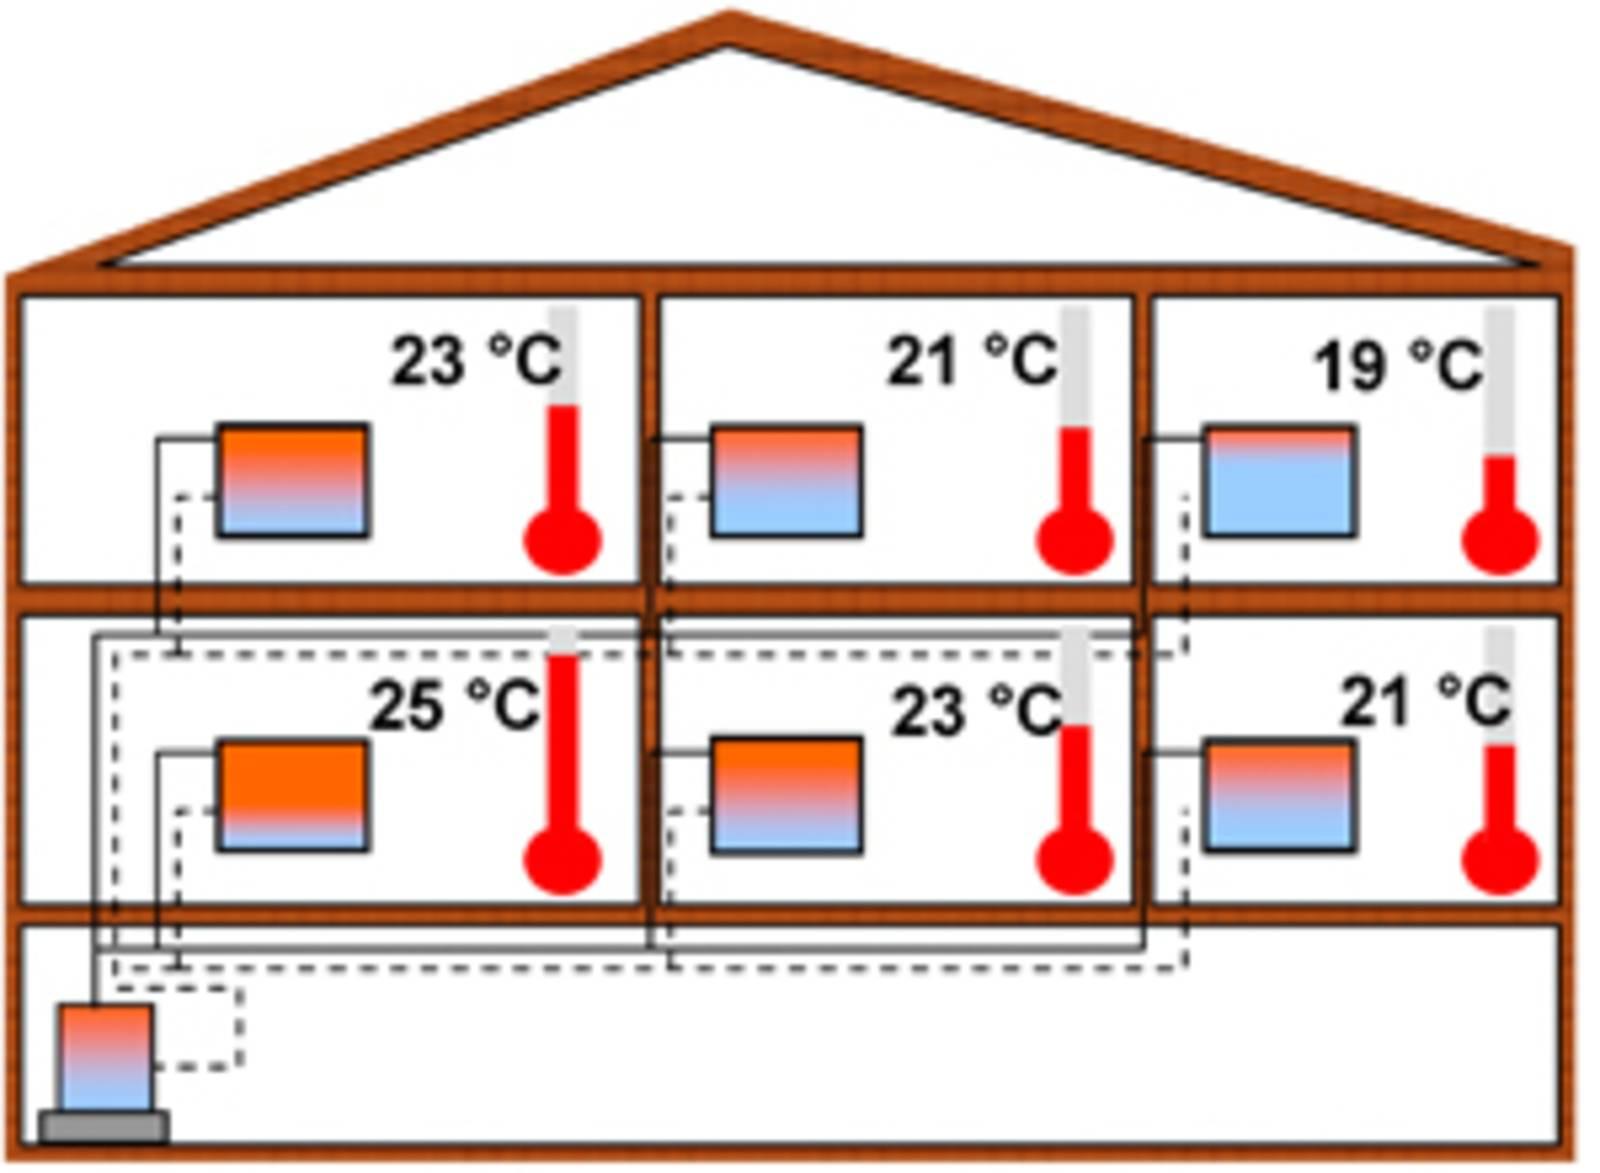 Funktionsweise eines hydraulischen Abgleichs